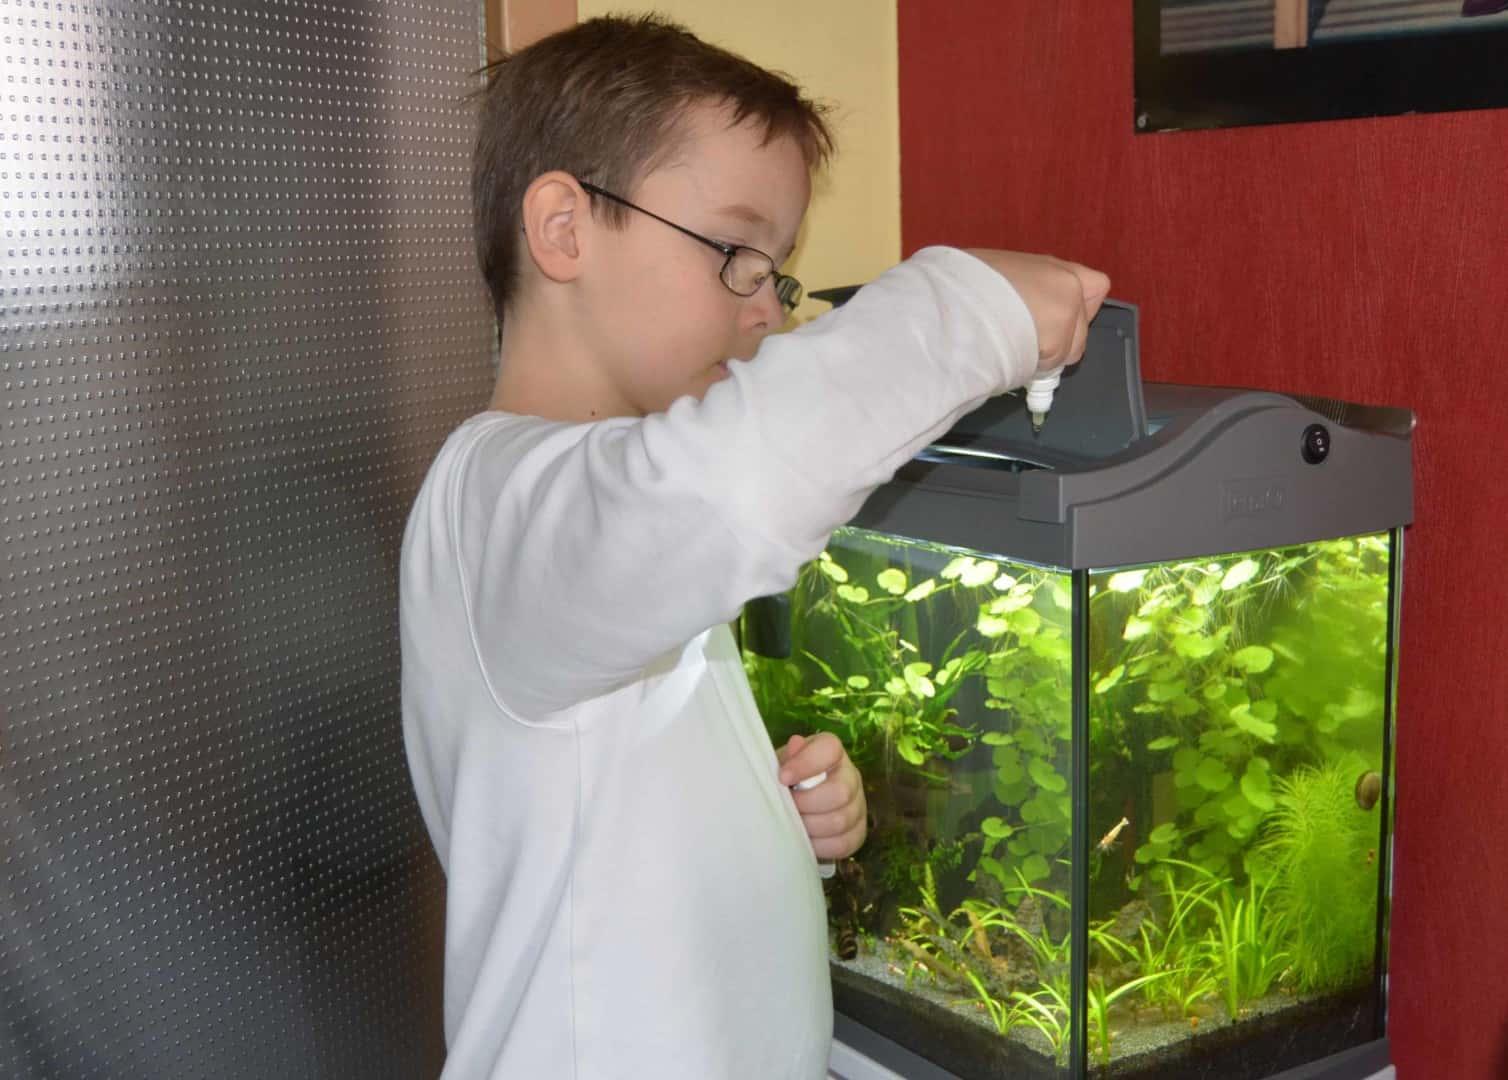 Verbreitete Missverständnisse in der Aquaristik 5